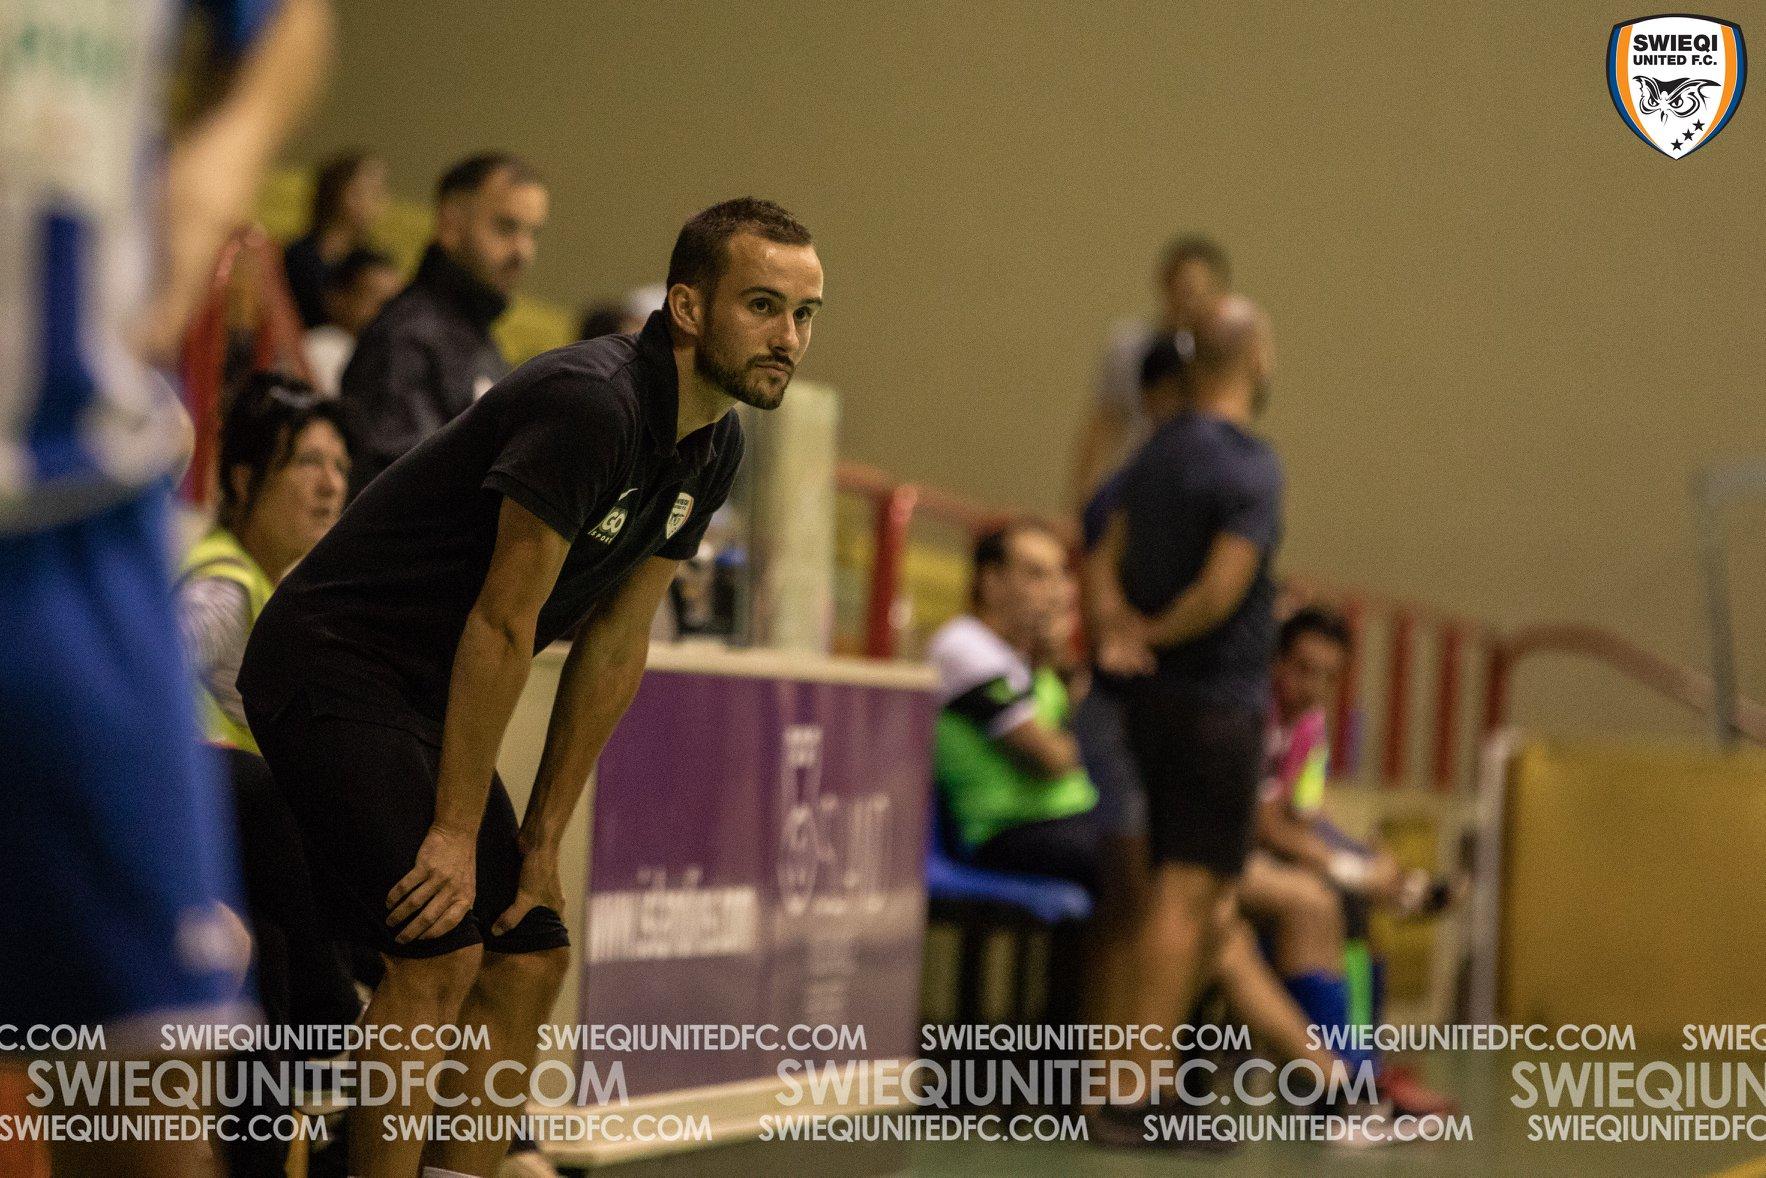 Futsal match routine 2